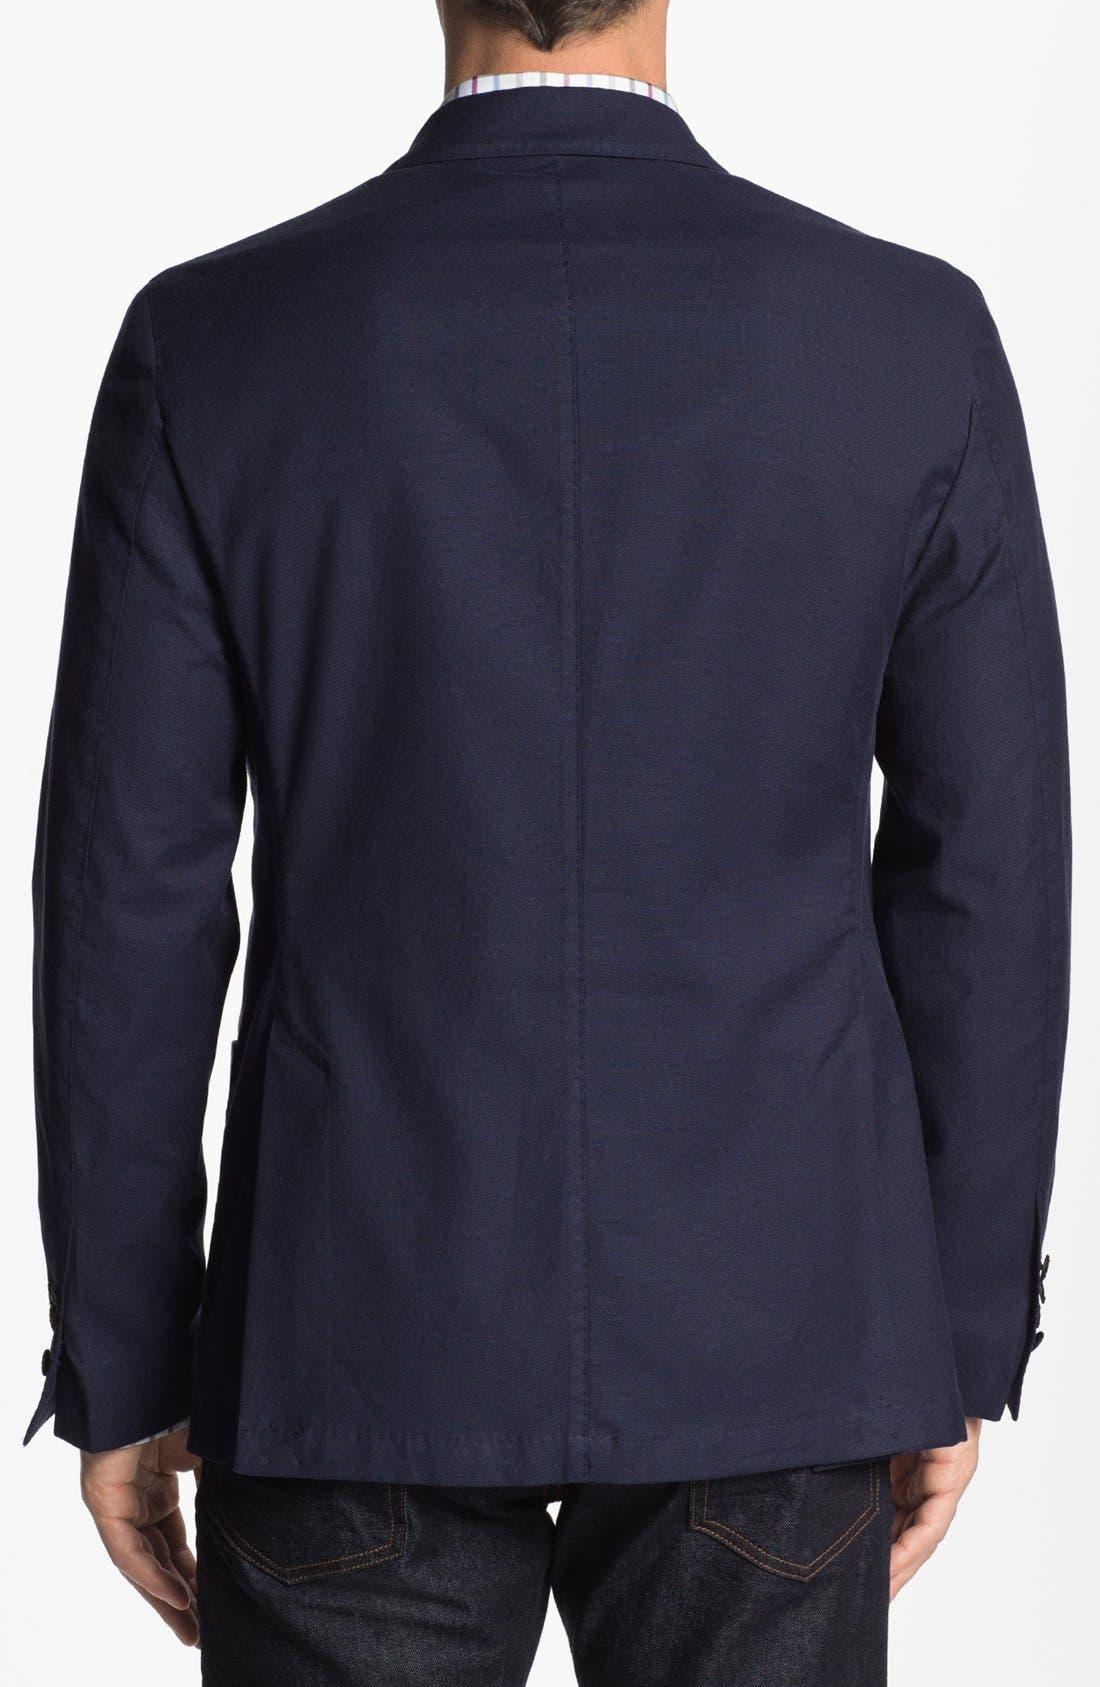 Alternate Image 2  - Façonnable 'Veste' Piqué Sportcoat